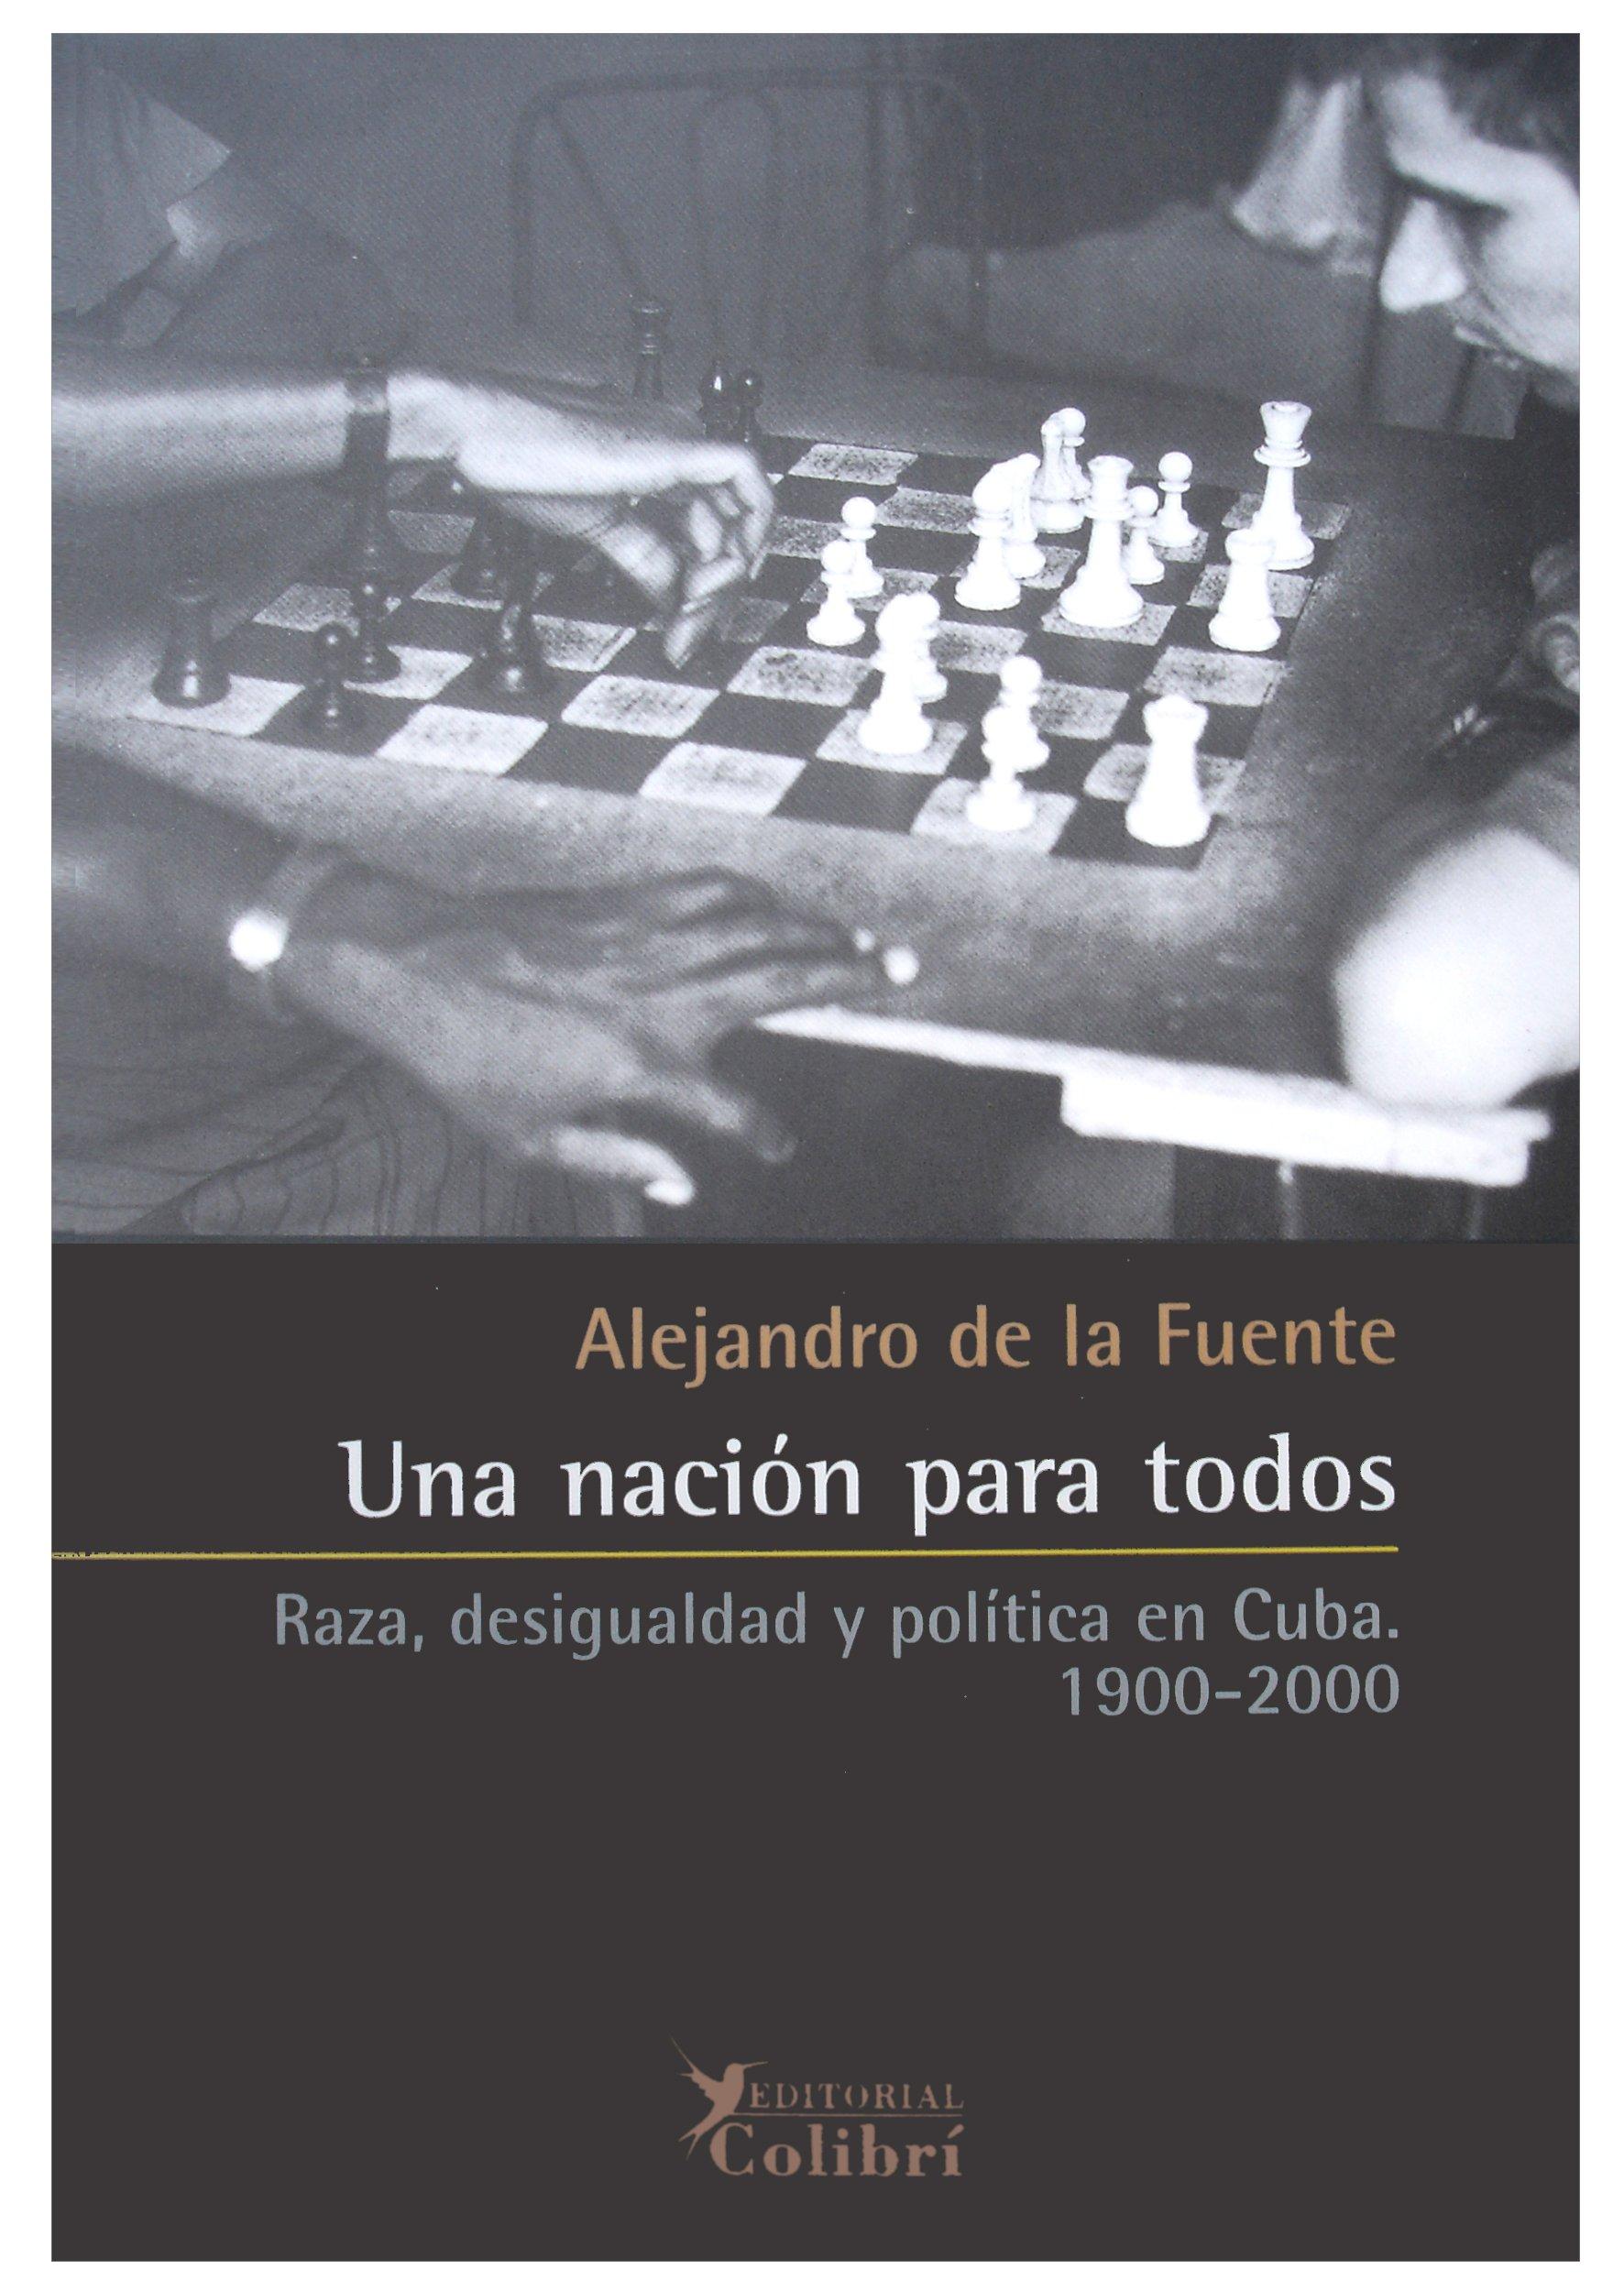 Una nación para todos : raza, desigualdad y política en Cuba 1900-2000: Amazon.es: Fuente, Alejandro de la: Libros